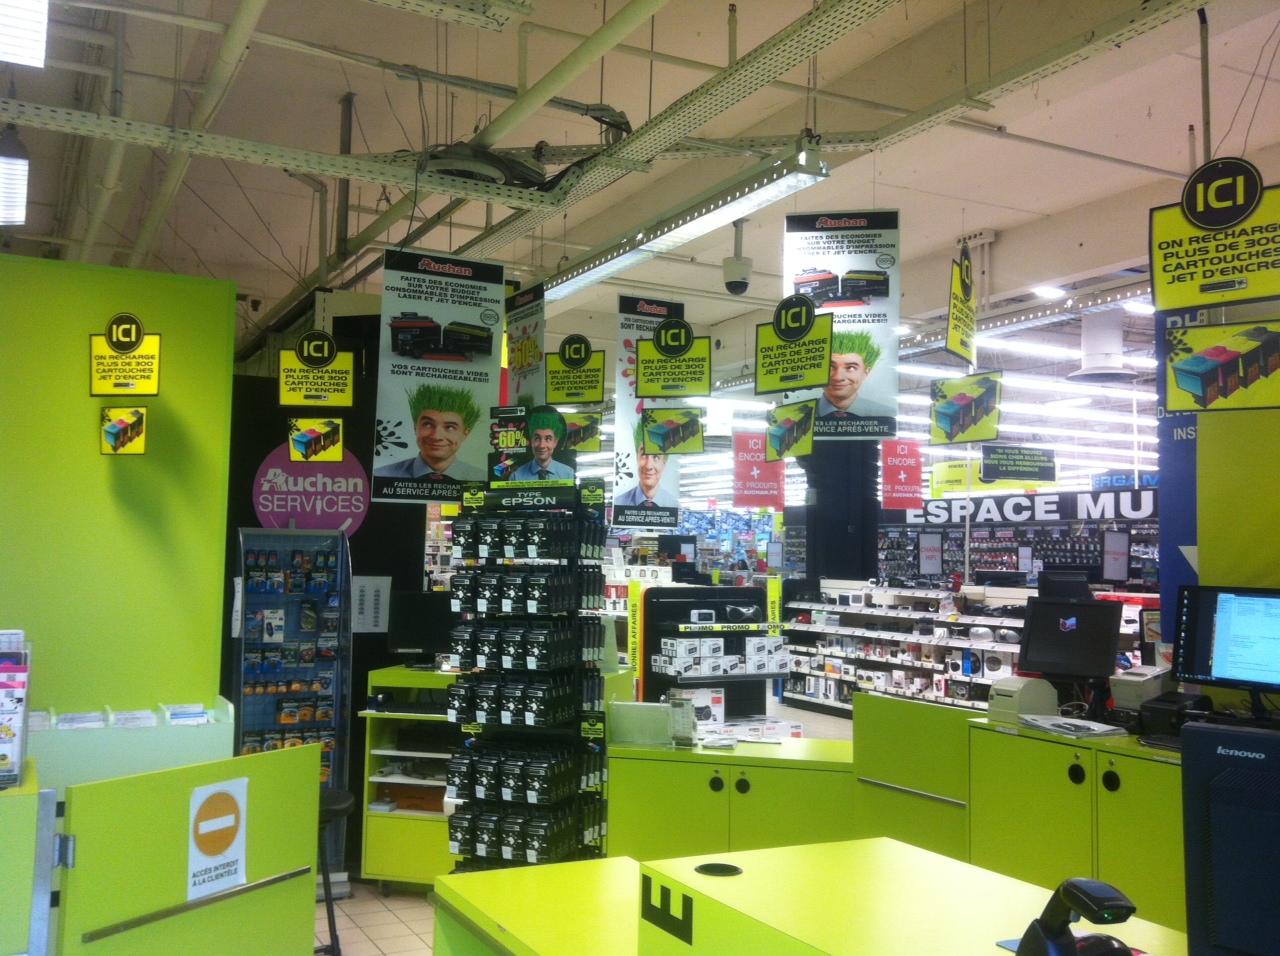 Auchan Accueille Concept Point Le Sein D'encre Magasins Ses Au De Om8wNn0v